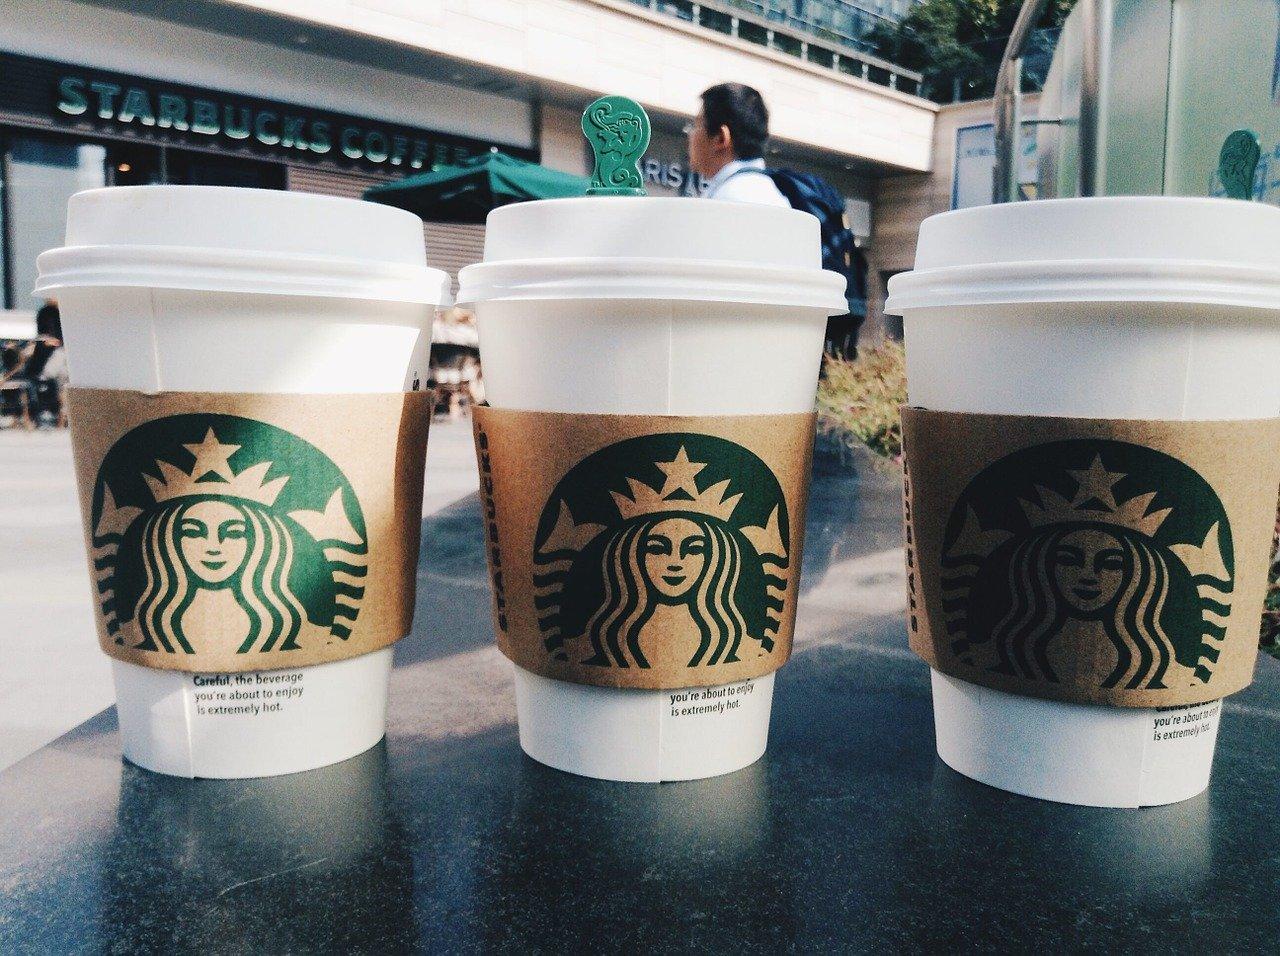 【スタバタンブラー】は【父の日】プレゼントにおすすめ!コーヒーと合わせて喜ばれるギフトを!